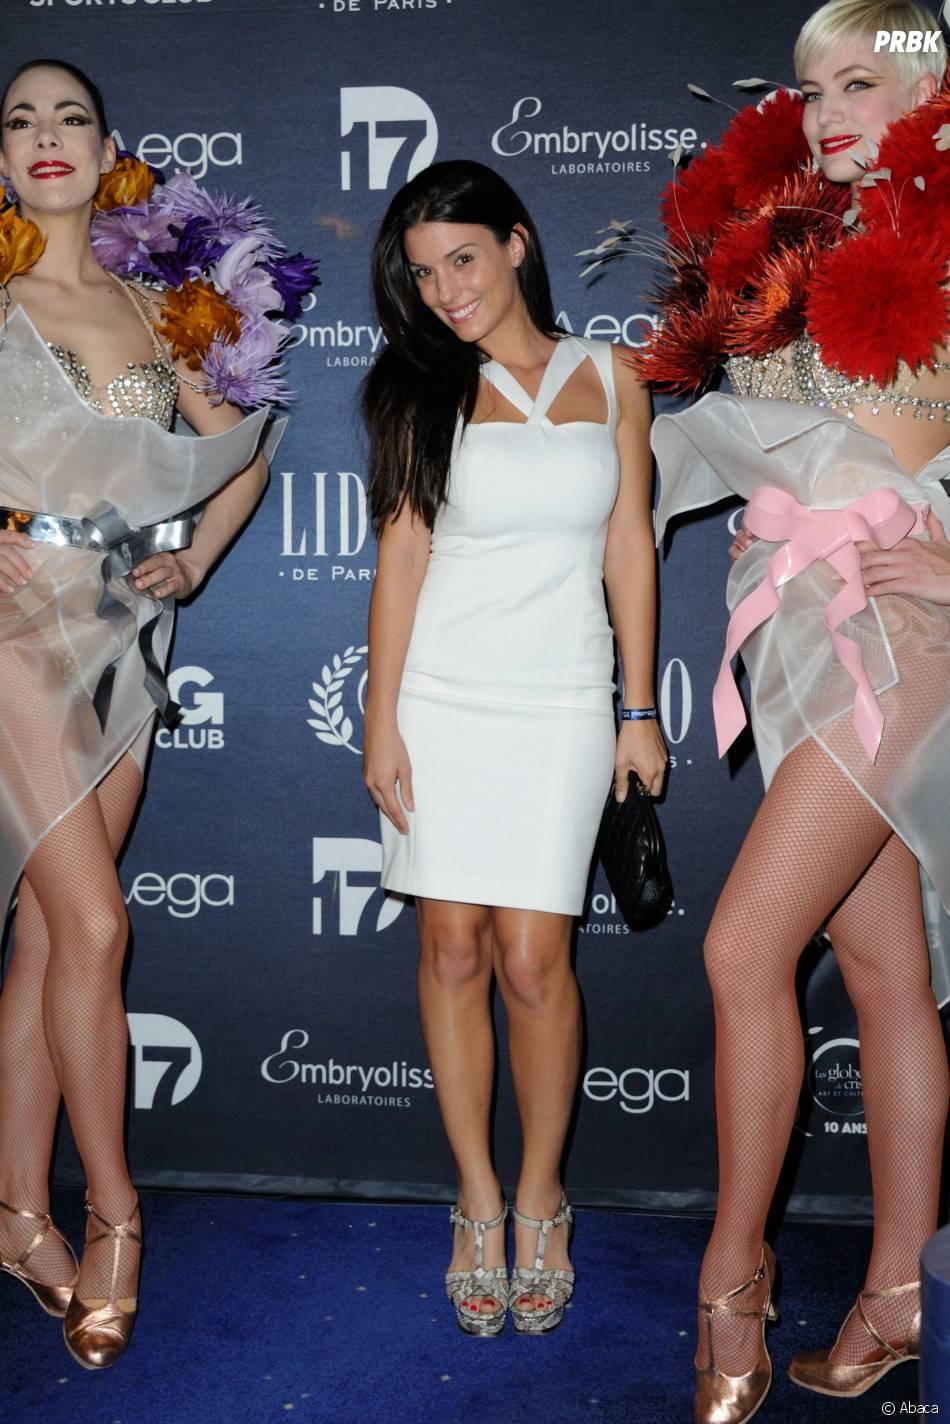 Globes de Cristal : Ludivine Sagna à la 10ème cérémonie le lundi 13 avril 2015 au Lido de Paris